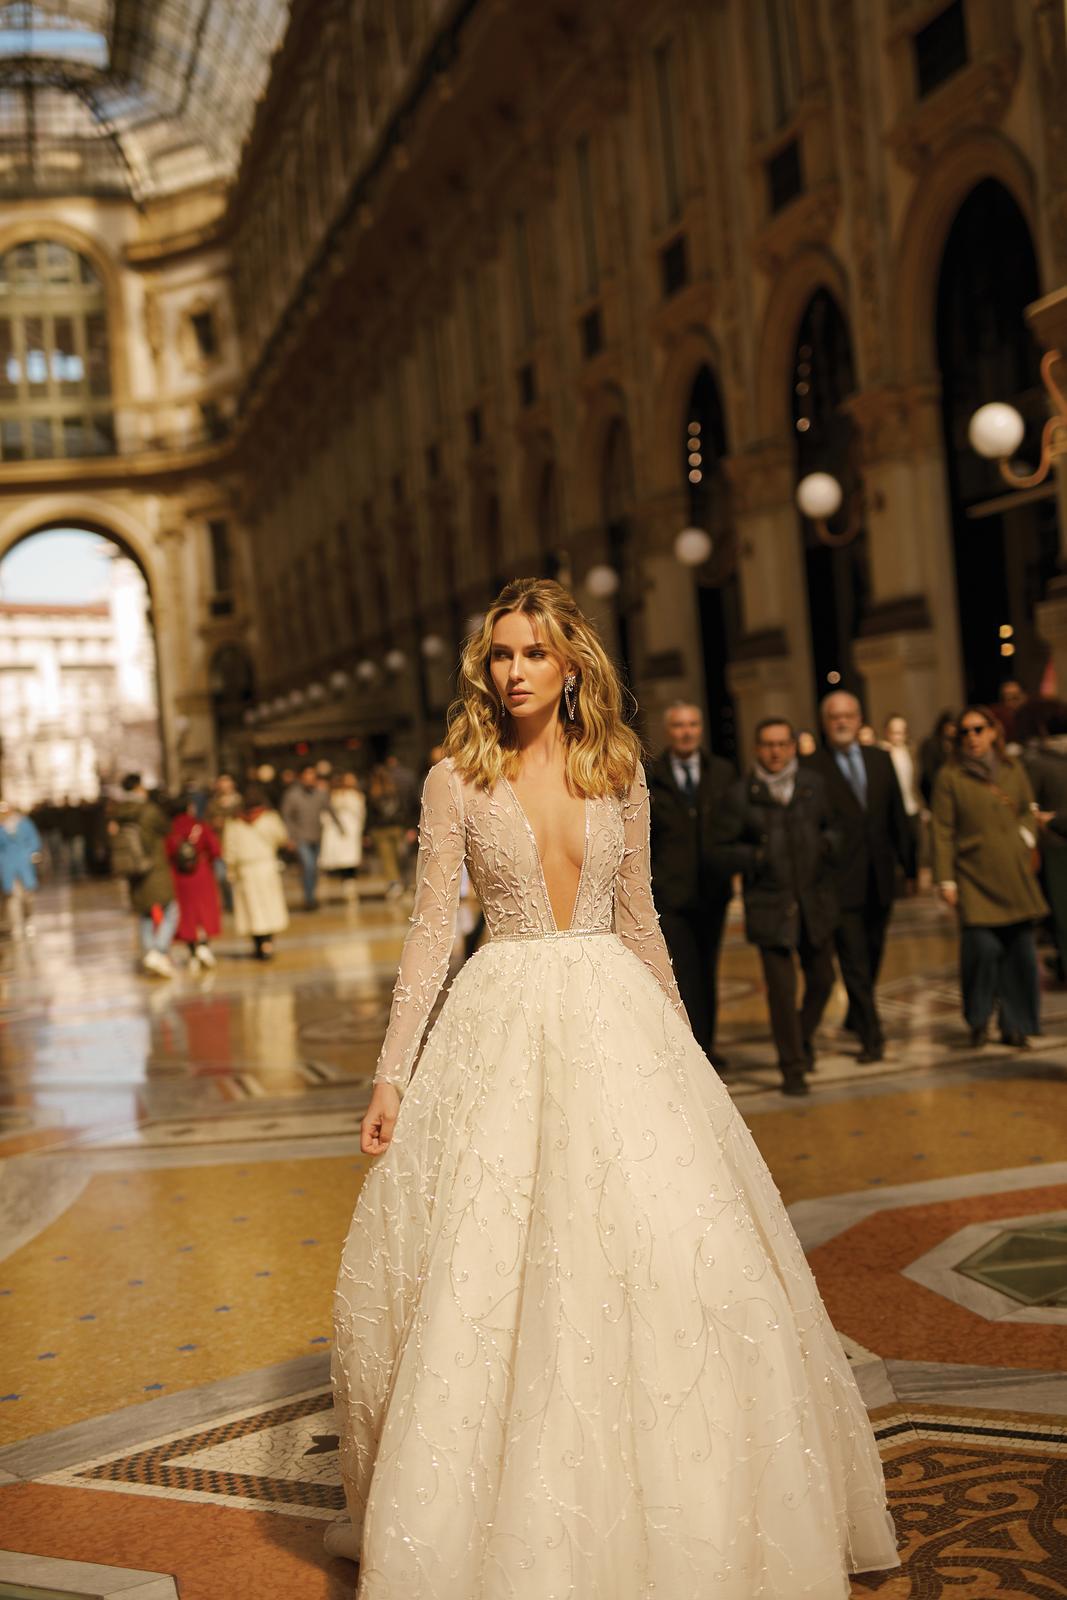 Svadobné šaty jar/leto 2020 BERTA Miláno - Obrázok č. 9